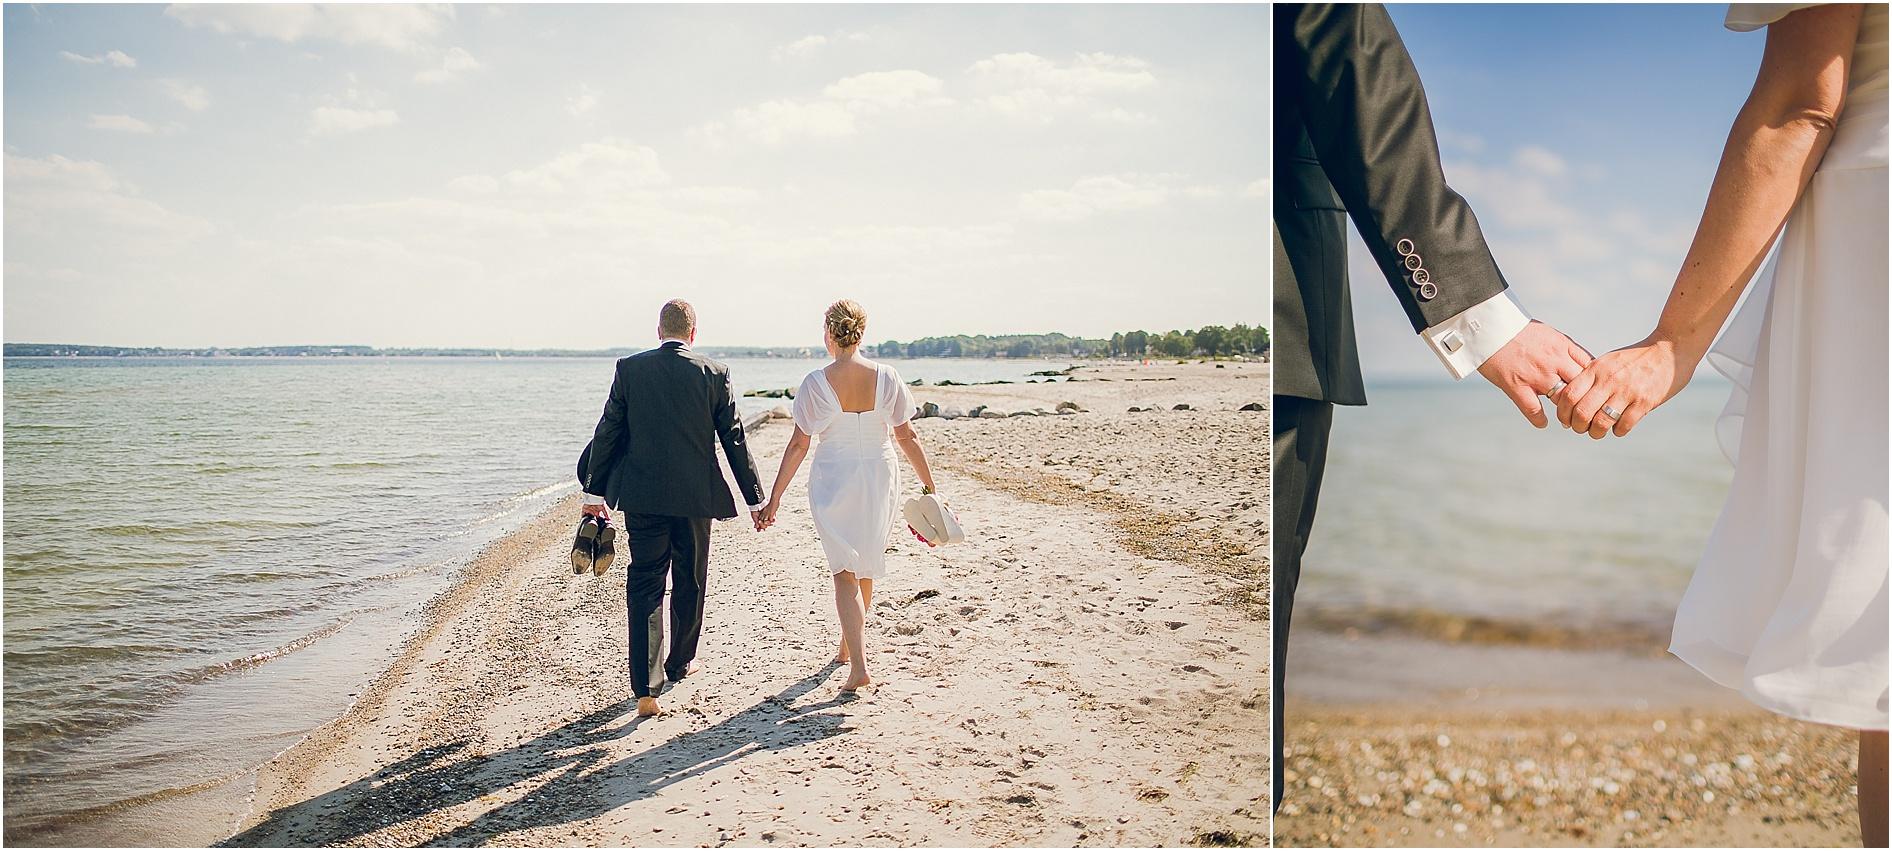 2014-07-23_0025 Strandhochzeit von Aline & Christian in Sierksdorf